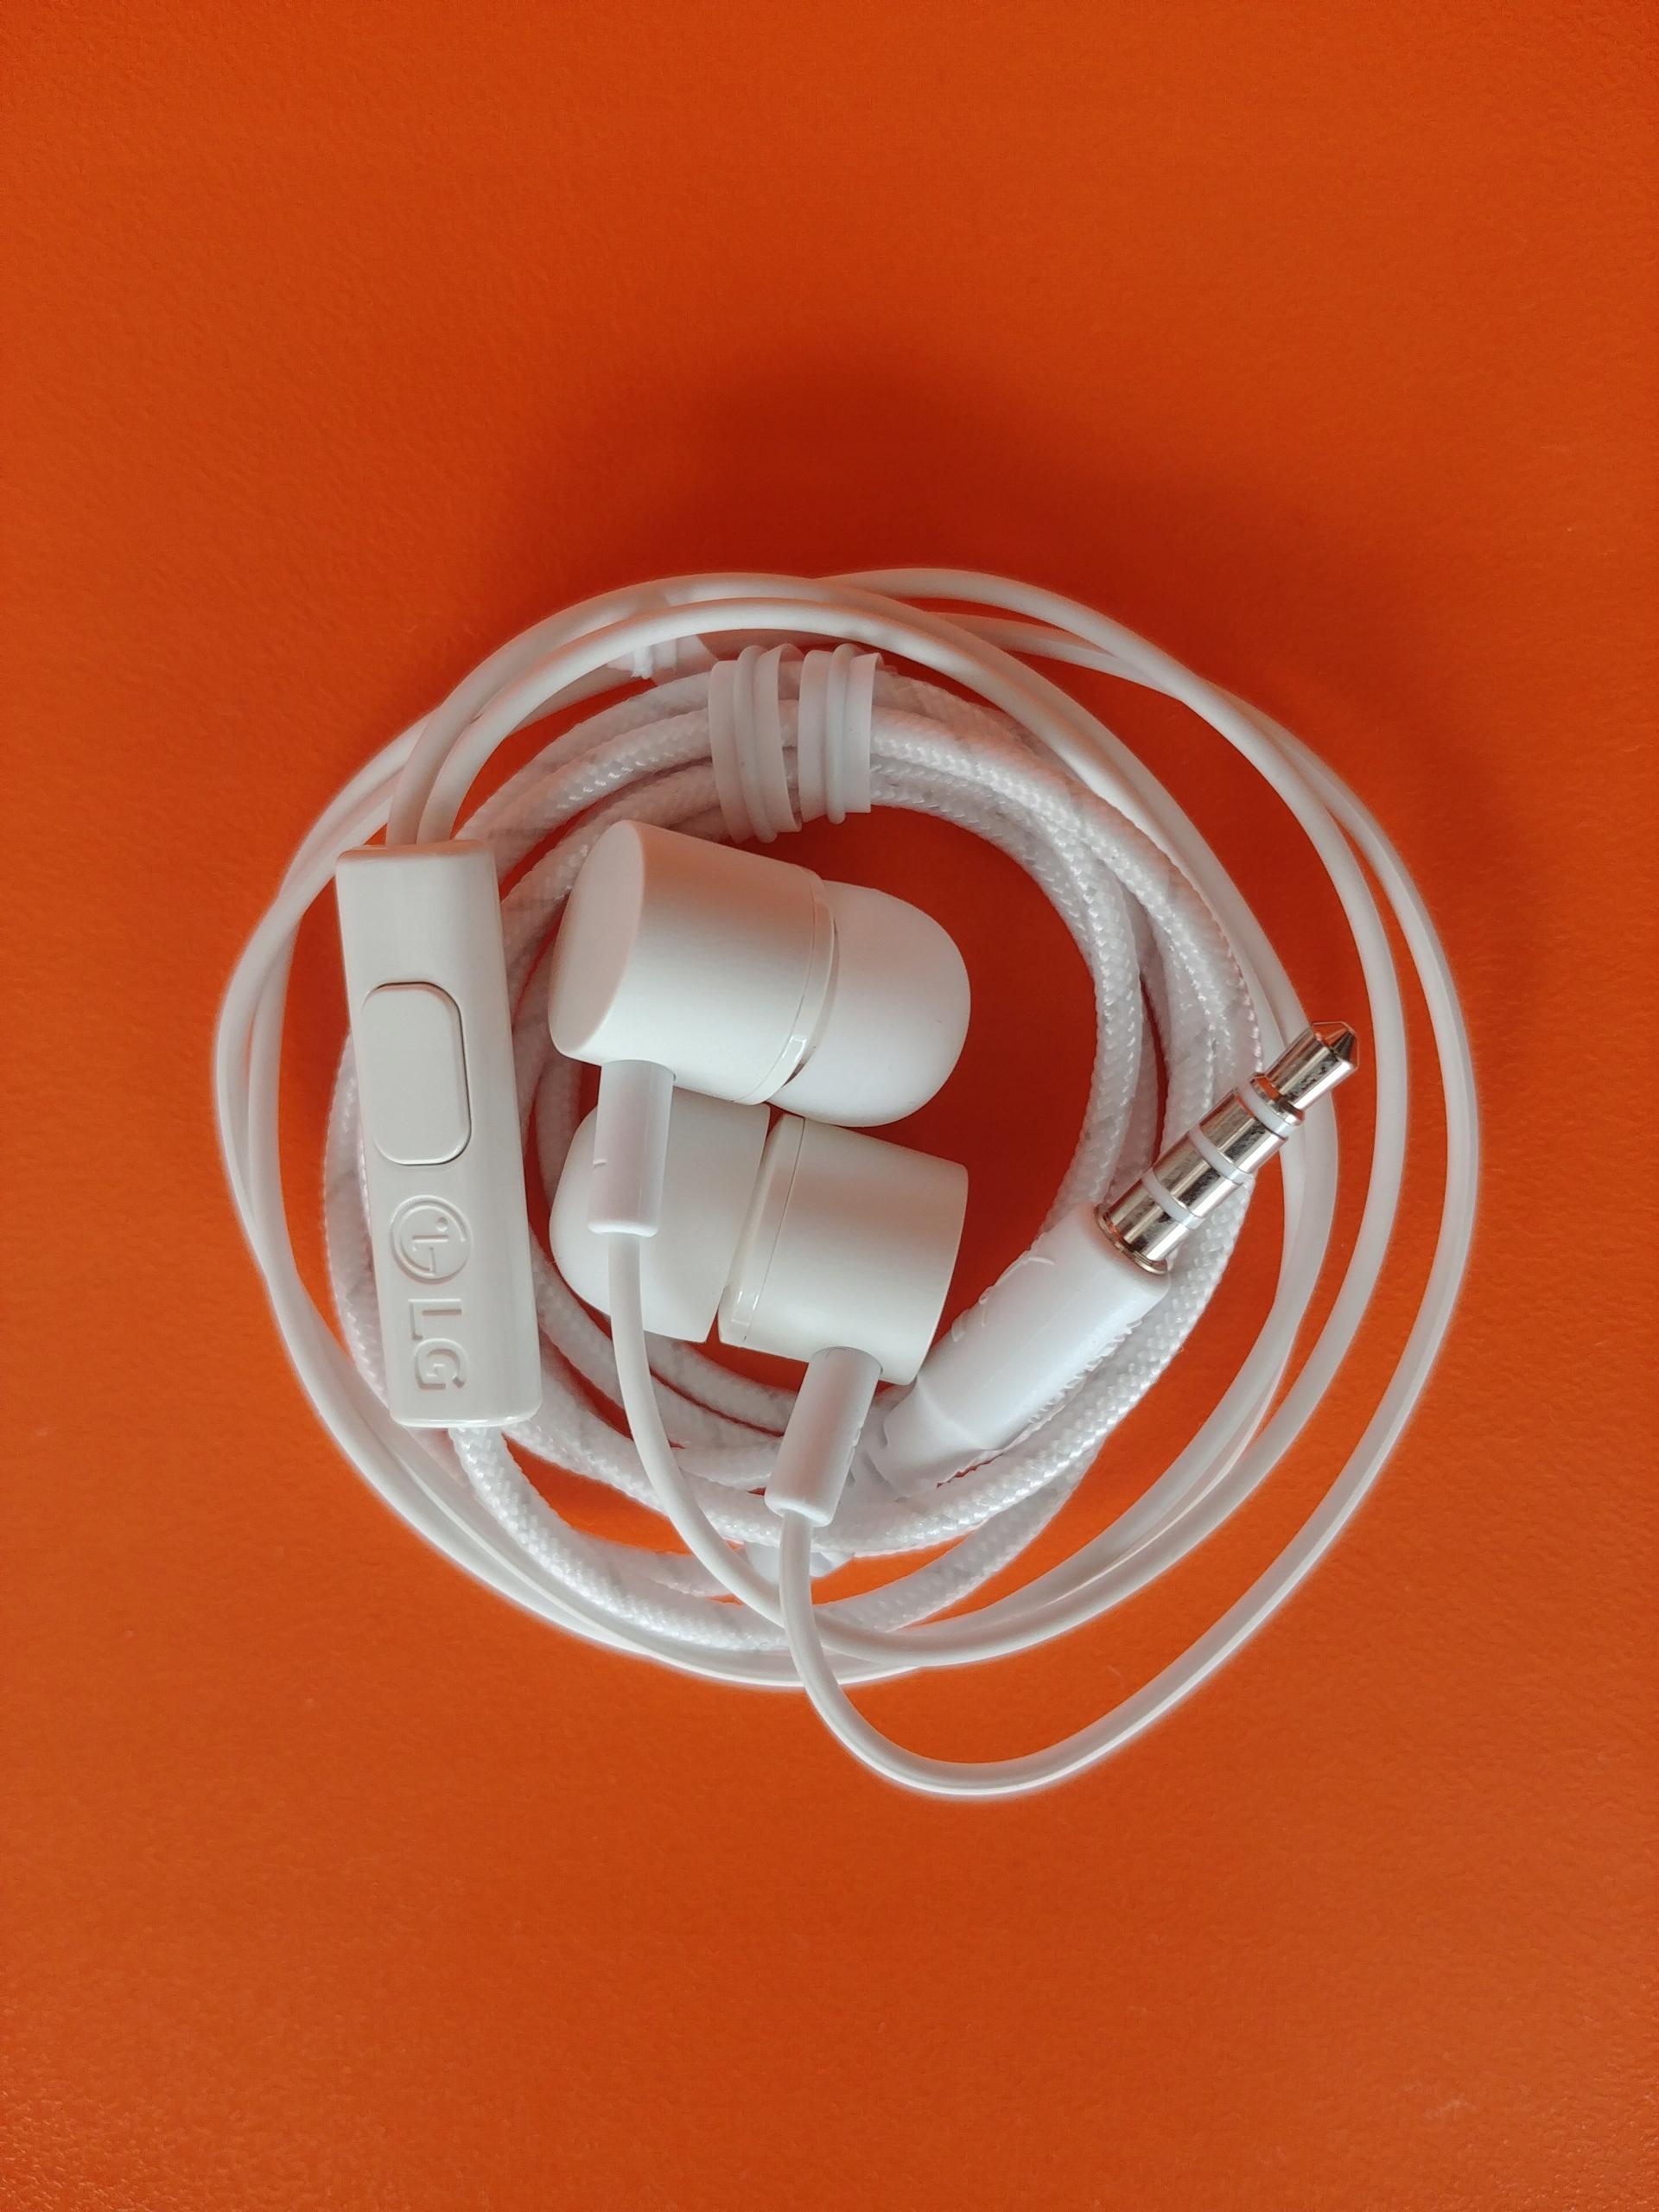 Oryginalne słuchawki LG - białe, douszne. G6 G7 G8